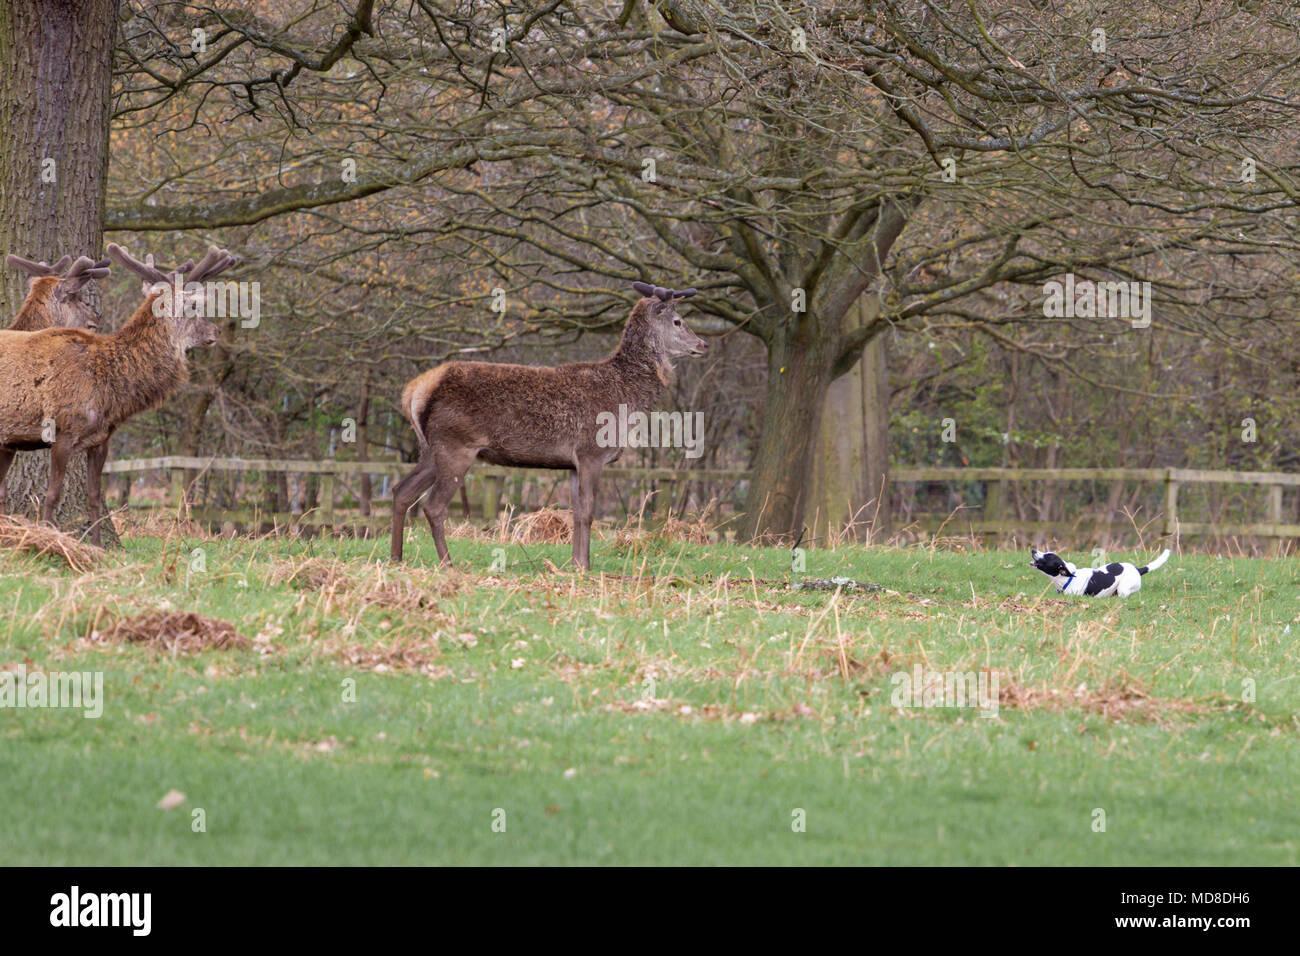 Ein Hund wird aggressiv und belästigend Rotwild im Richmond Park, London. Die Besitzer sind gewarnt, ihre Hunde an der Leine zu halten eine solche Konfrontation zu vermeiden. Stockbild